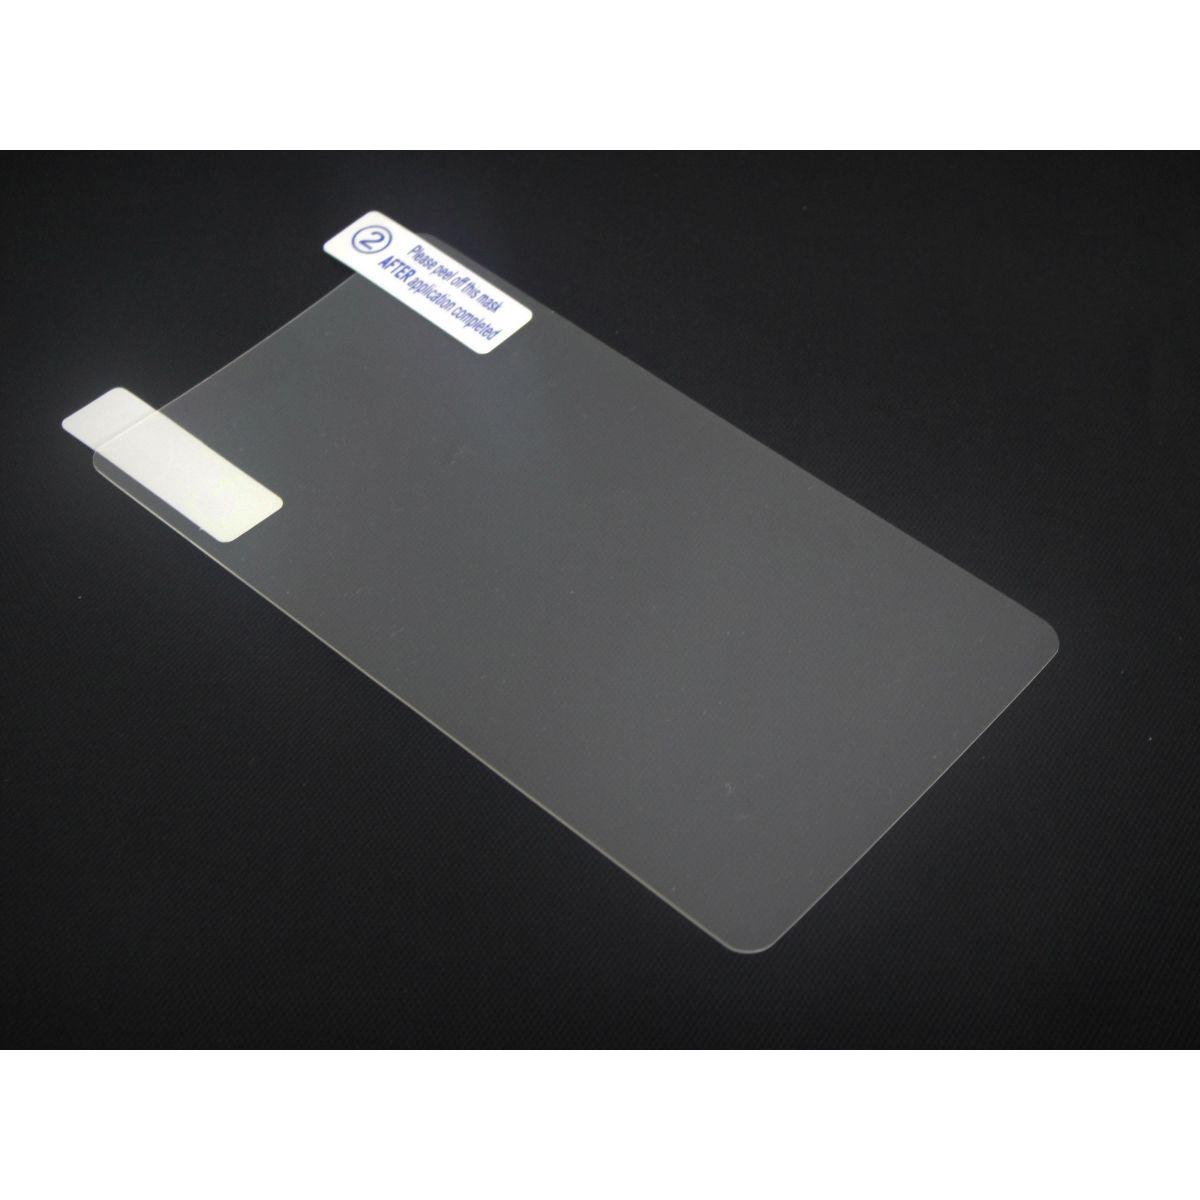 Pelicula Protetora para CCE Motion Plus SK351 Fosca